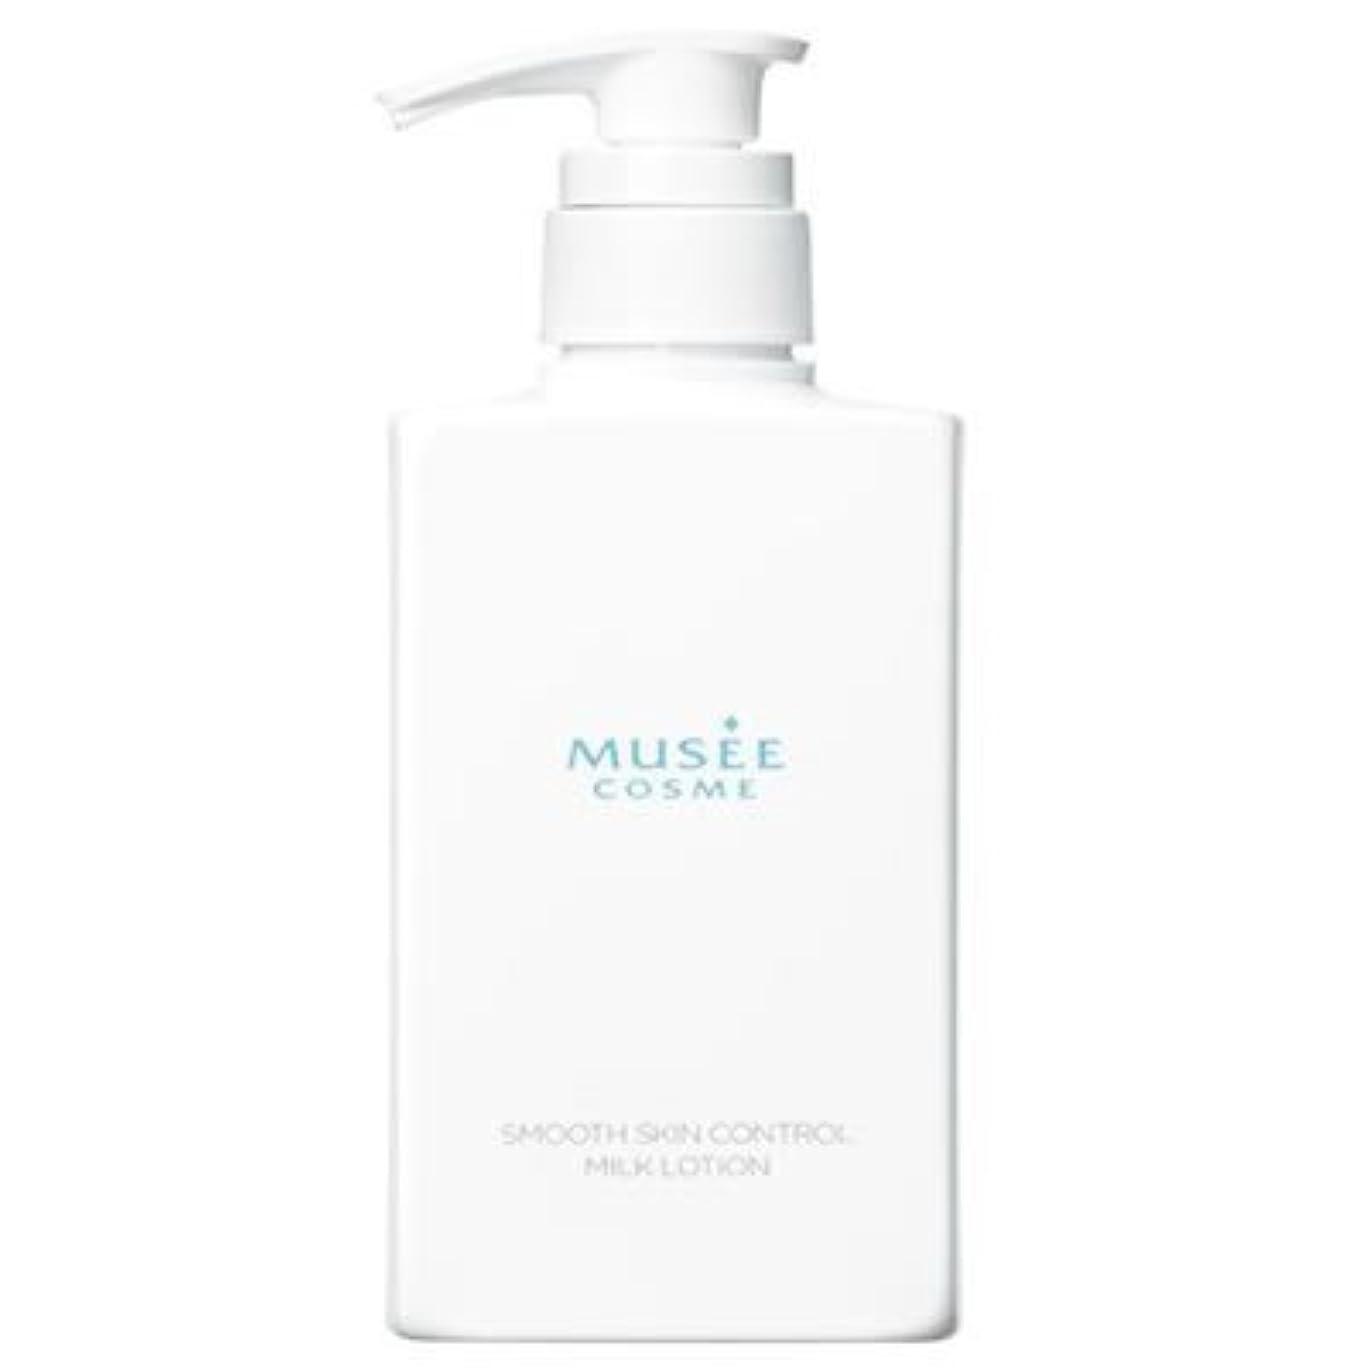 支援スキップエレメンタルミュゼ 薬用スムーススキンコントロールミルクローション 300ml ホワイトジャスミンの香り [並行輸入品]